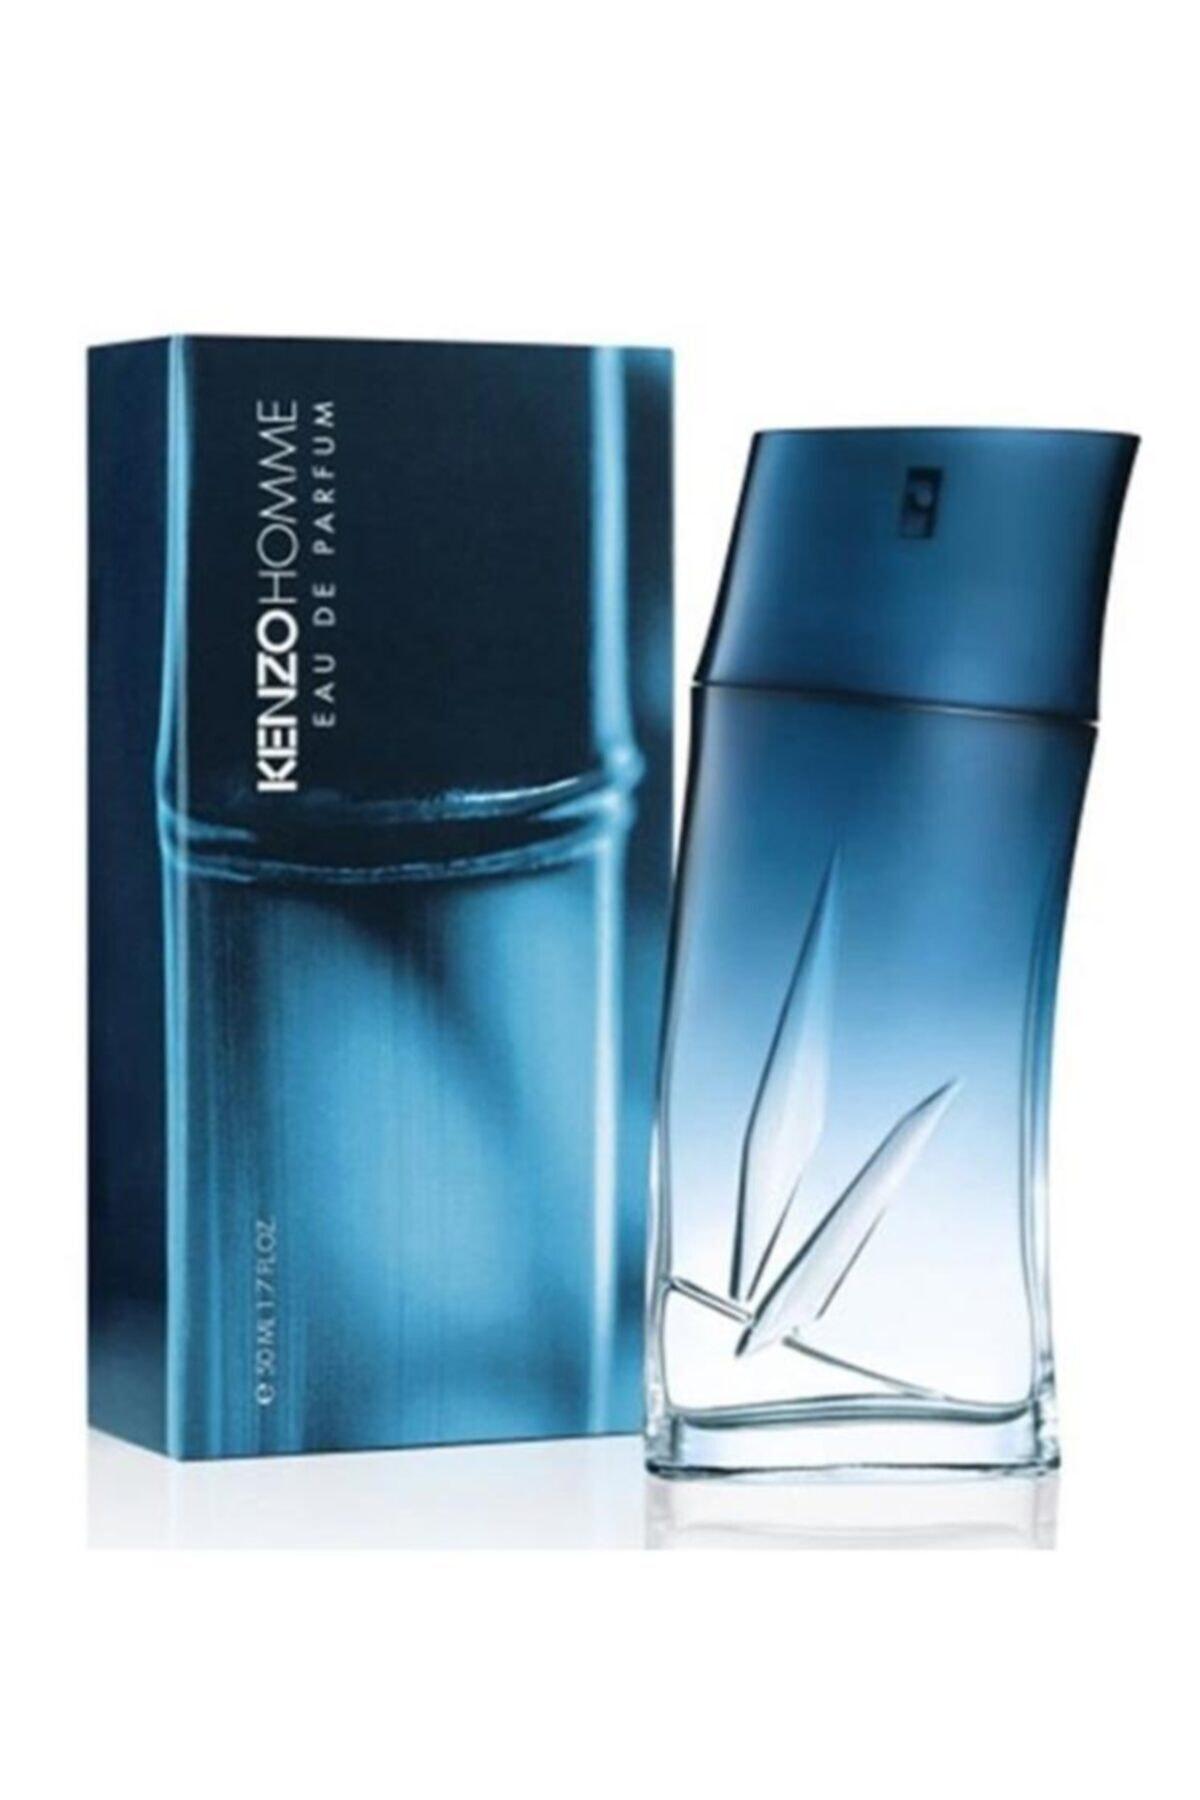 Kenzo Homme Edp 50 ml Erkek Parfüm 3274872323612 1